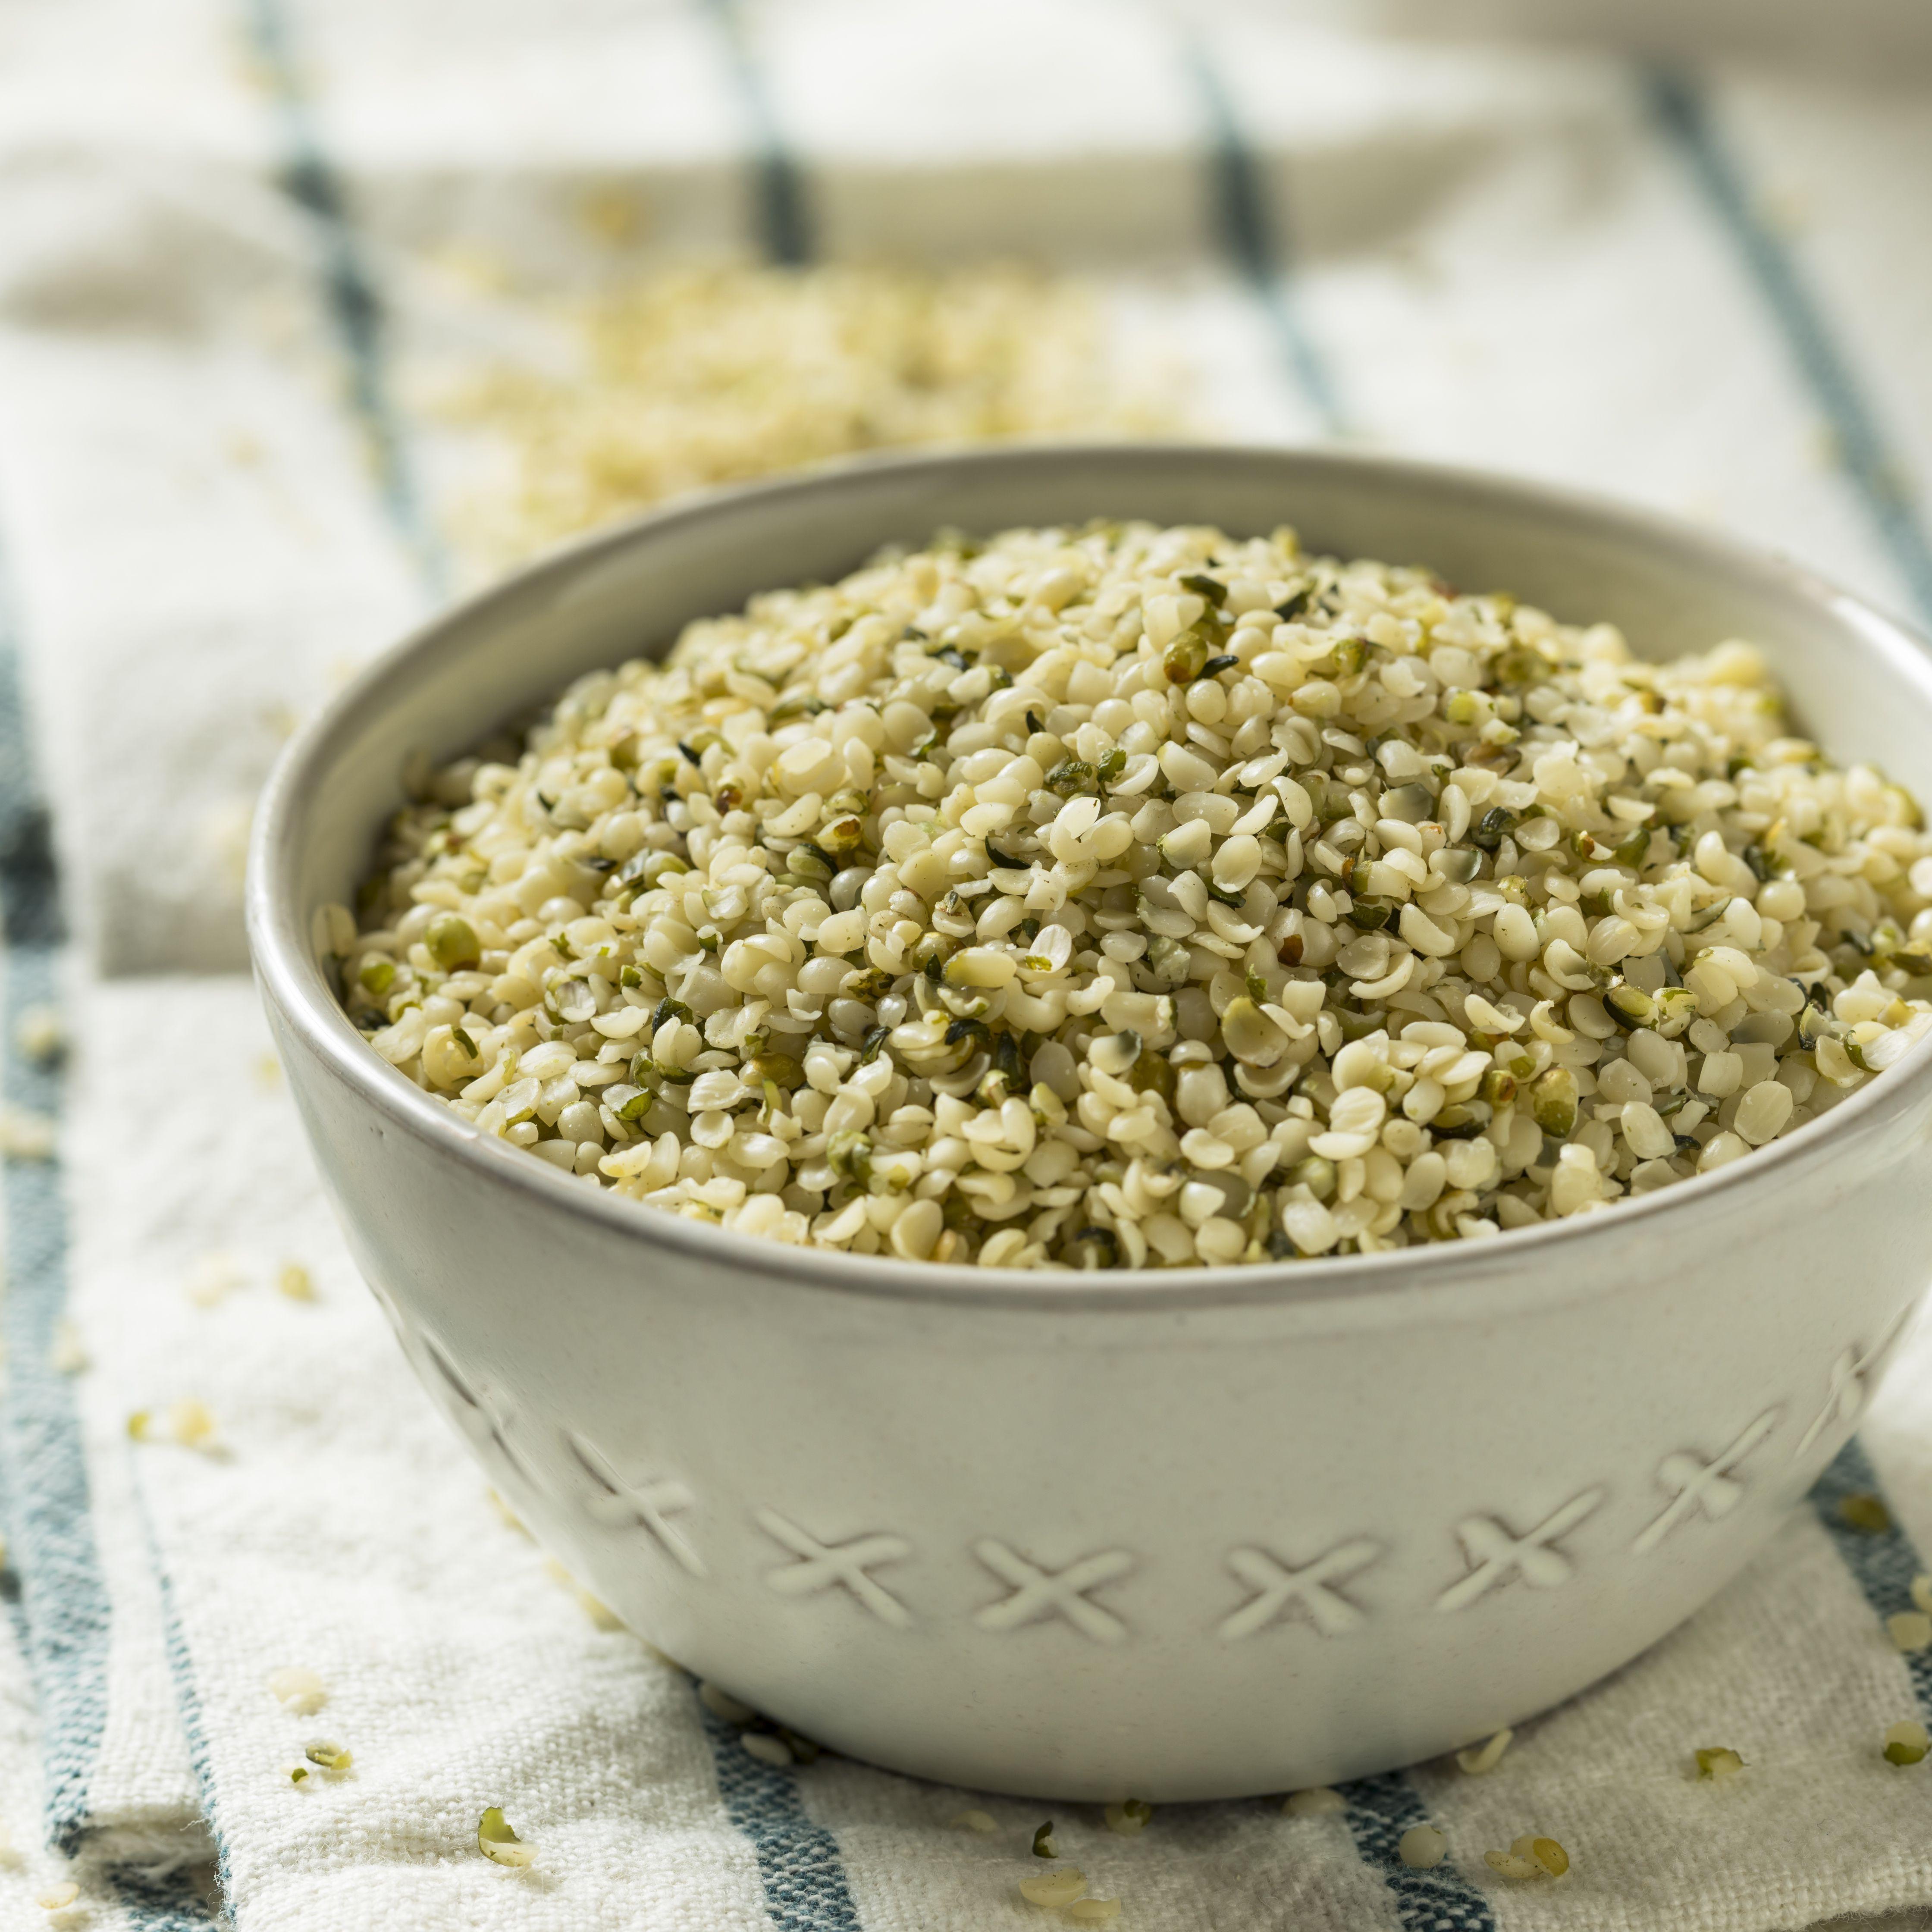 Hemp Seed Recipes How To Use Hemp Seeds